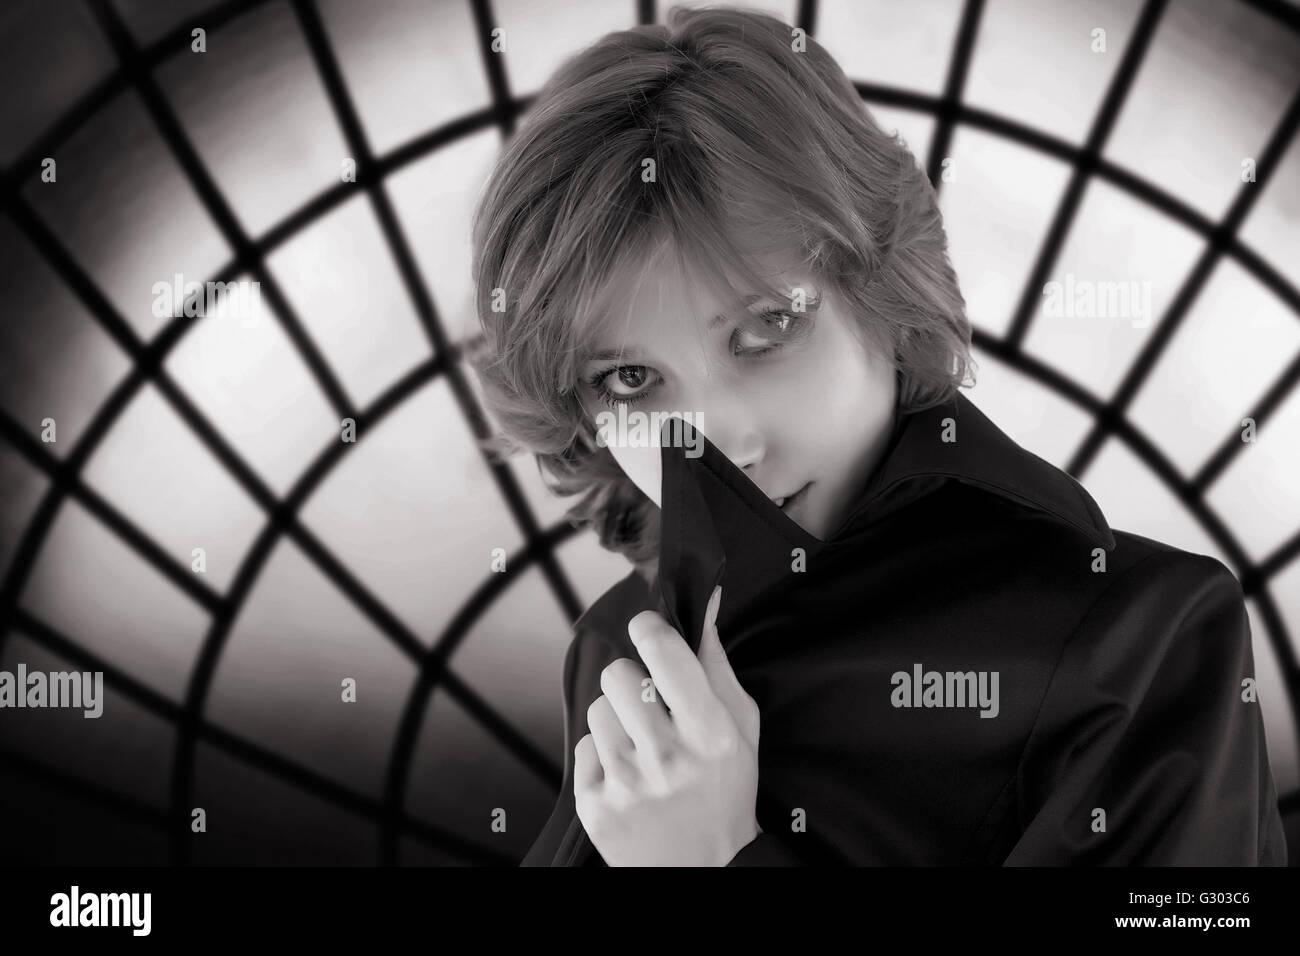 Dans les tons noir et blanc portrait de femme mystérieuse contre un sinistre vitraux Photo Stock